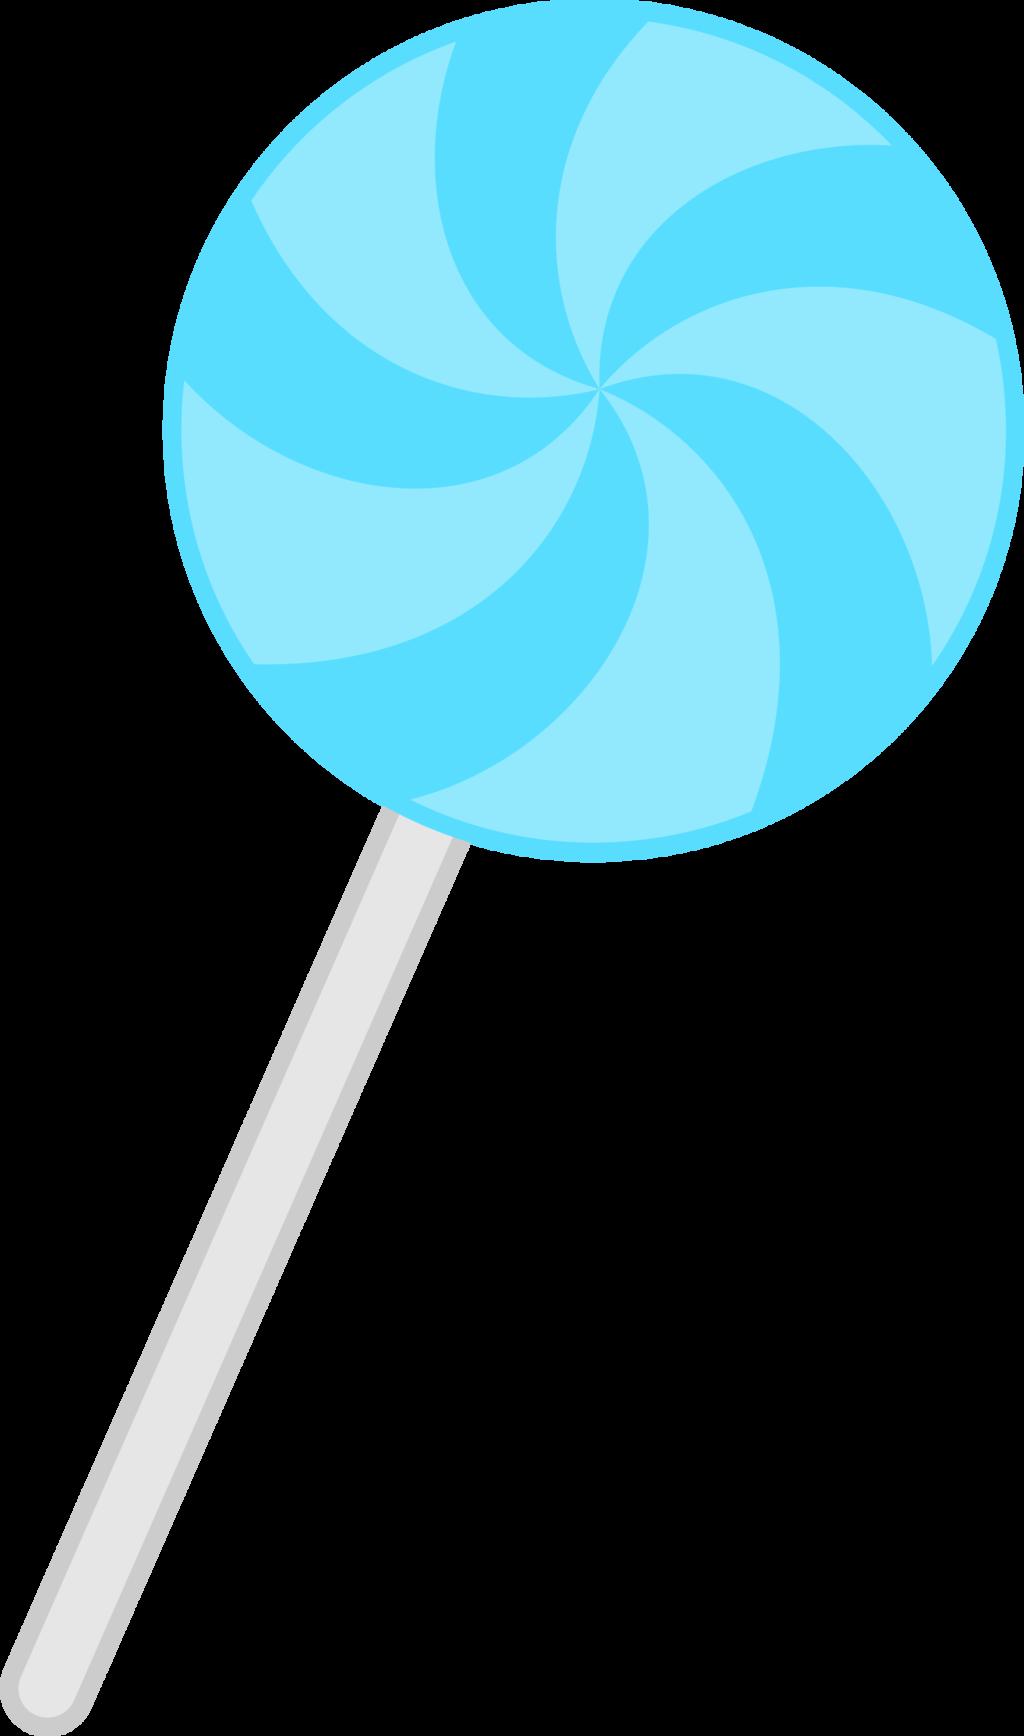 Lollipop PNG